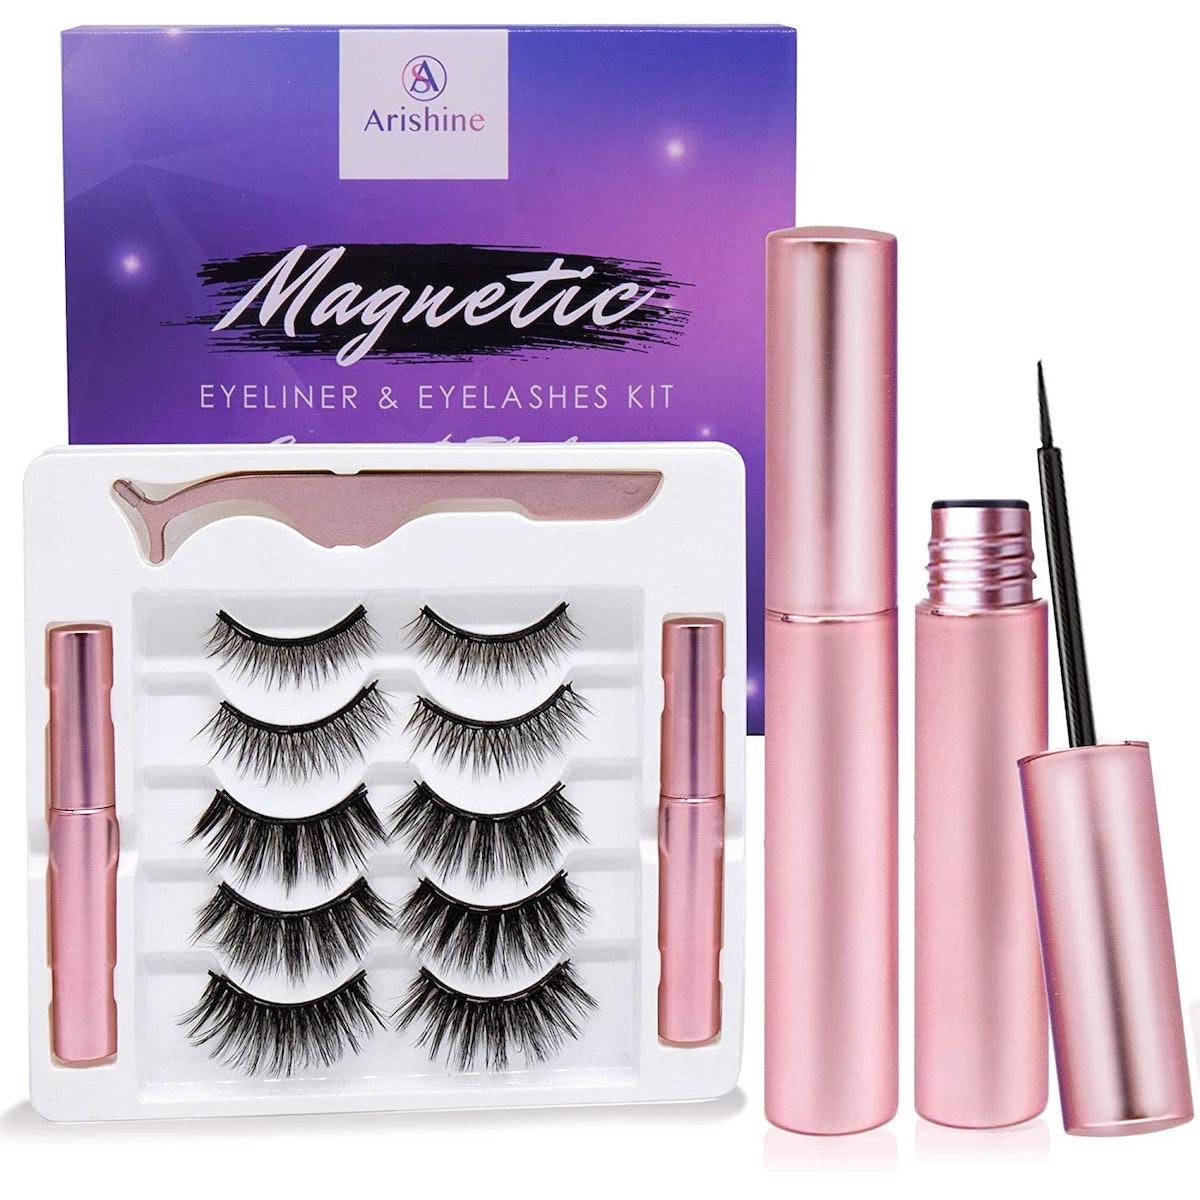 Arishine Magnetic Eyeliner and Lashes Kit (5-Pieces)